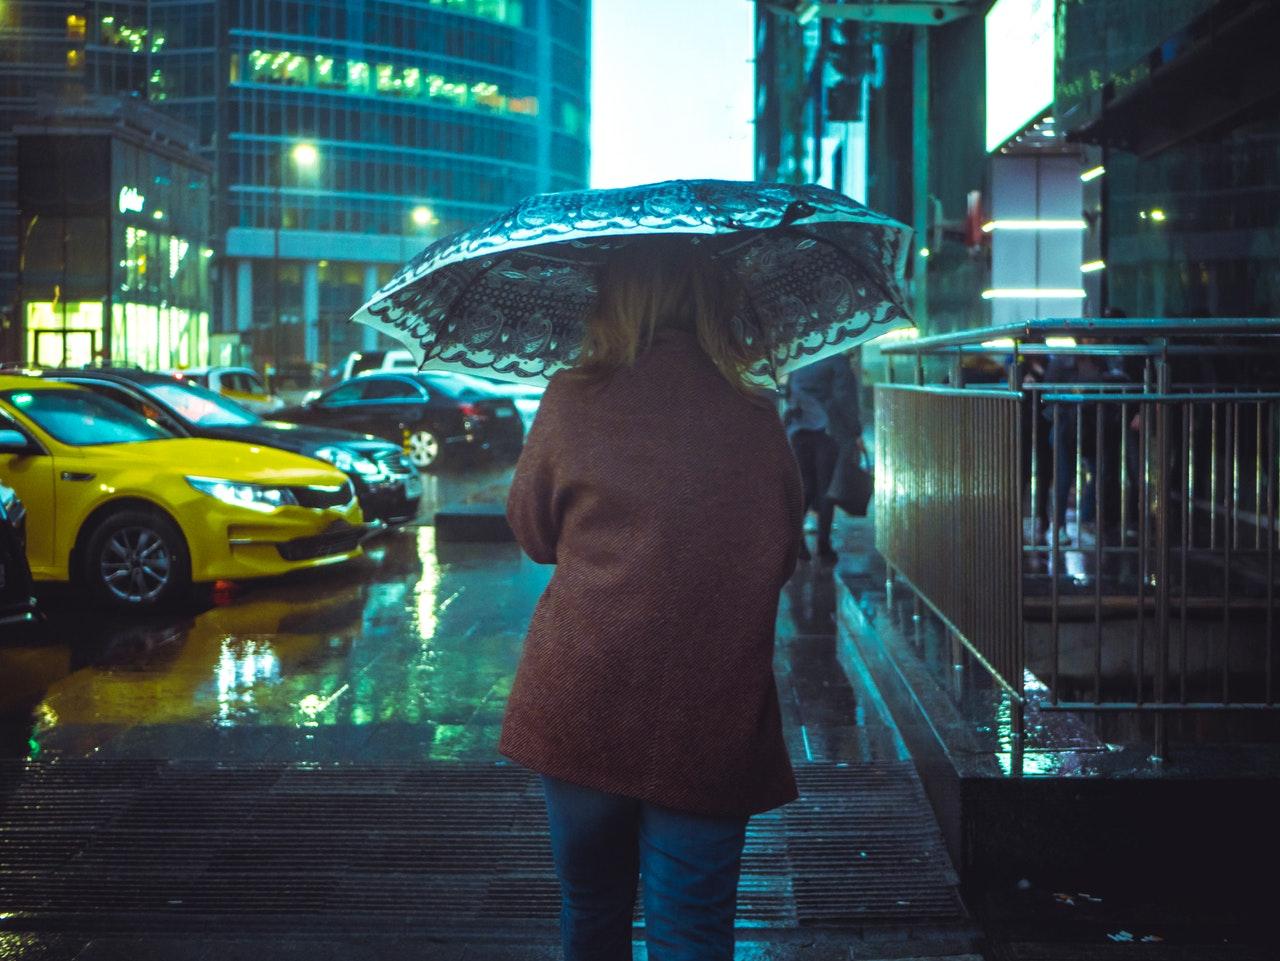 wet coat and umbrella